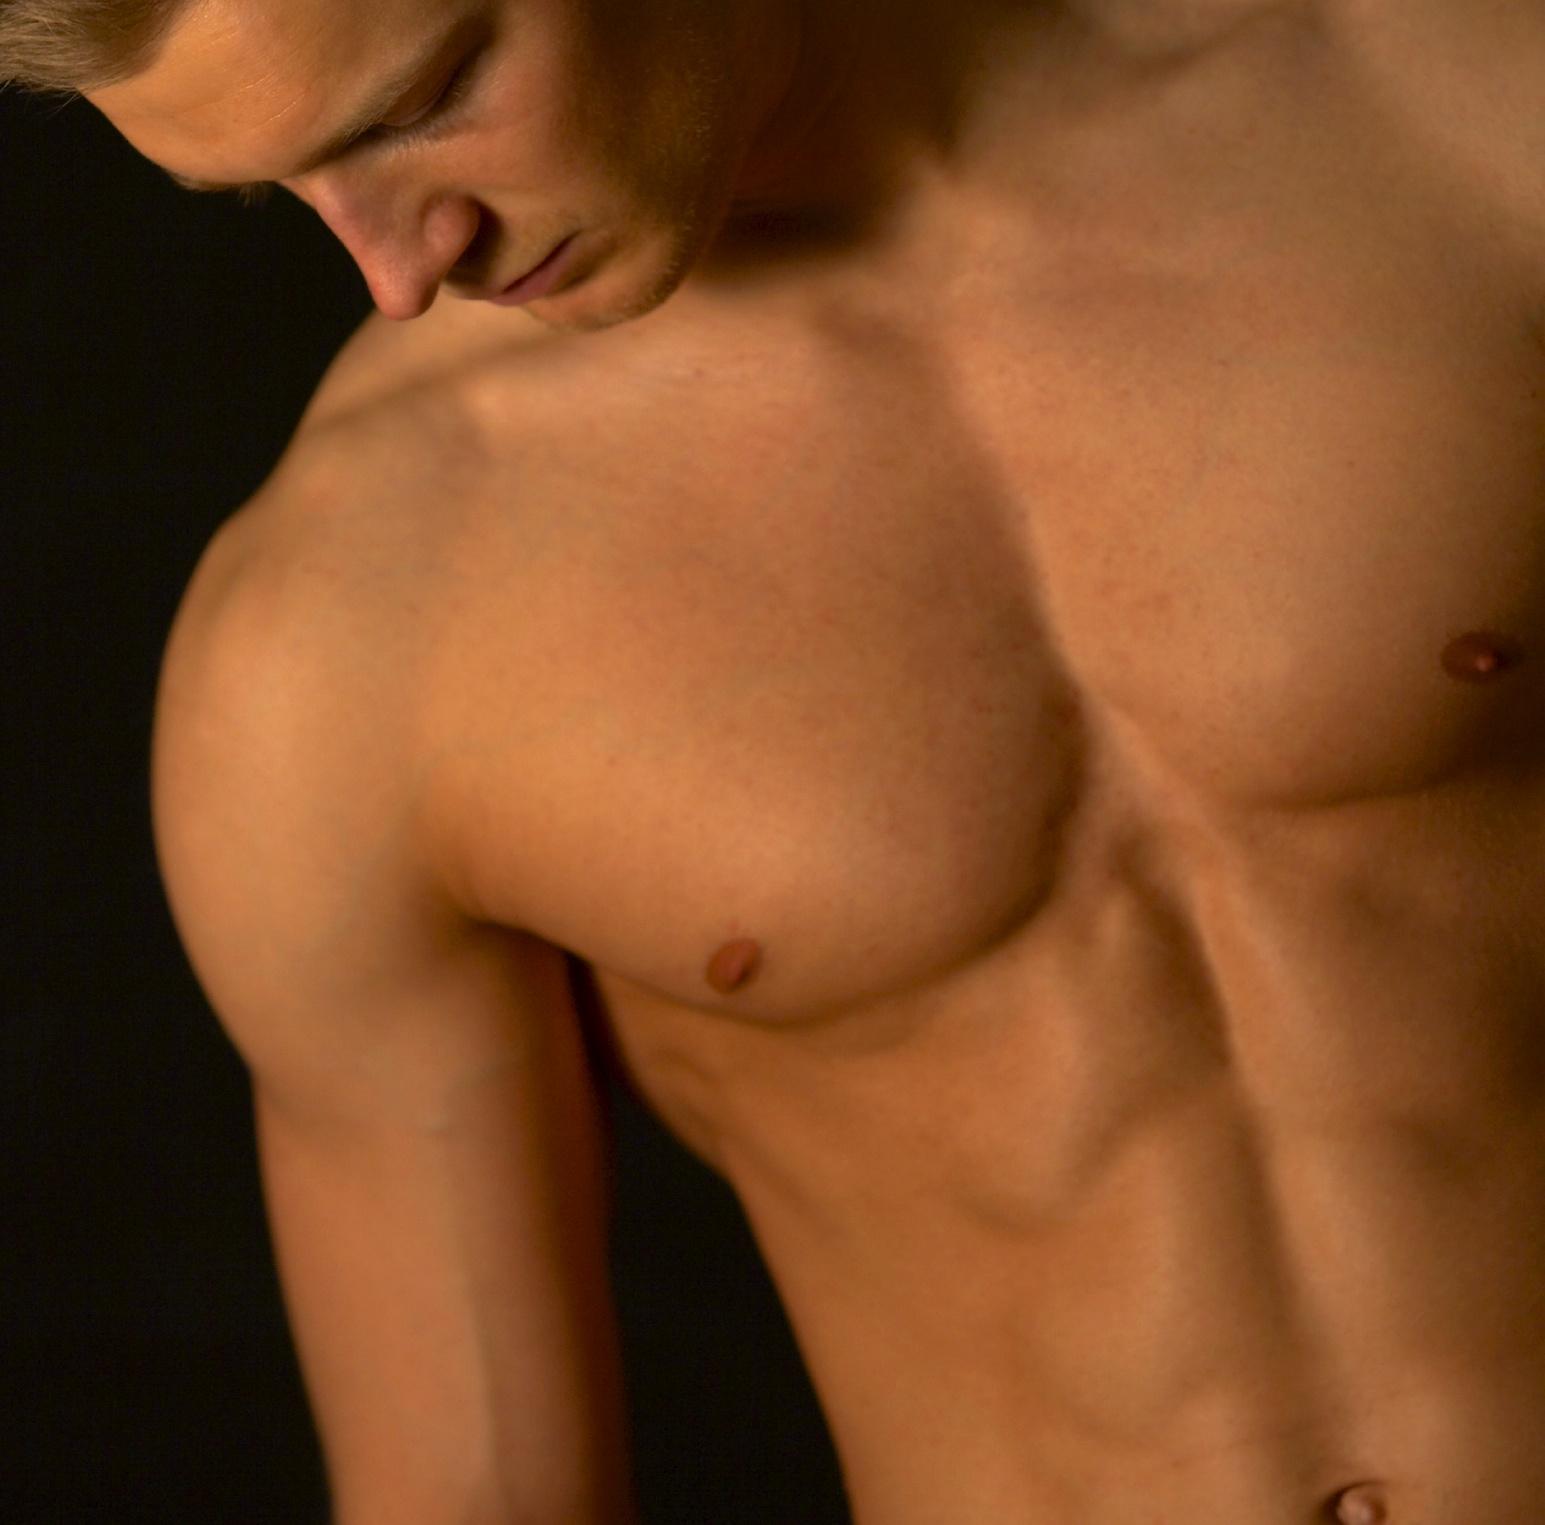 La liposuccion et le lipofilling pour redessiner les pectoraux et les abdominaux